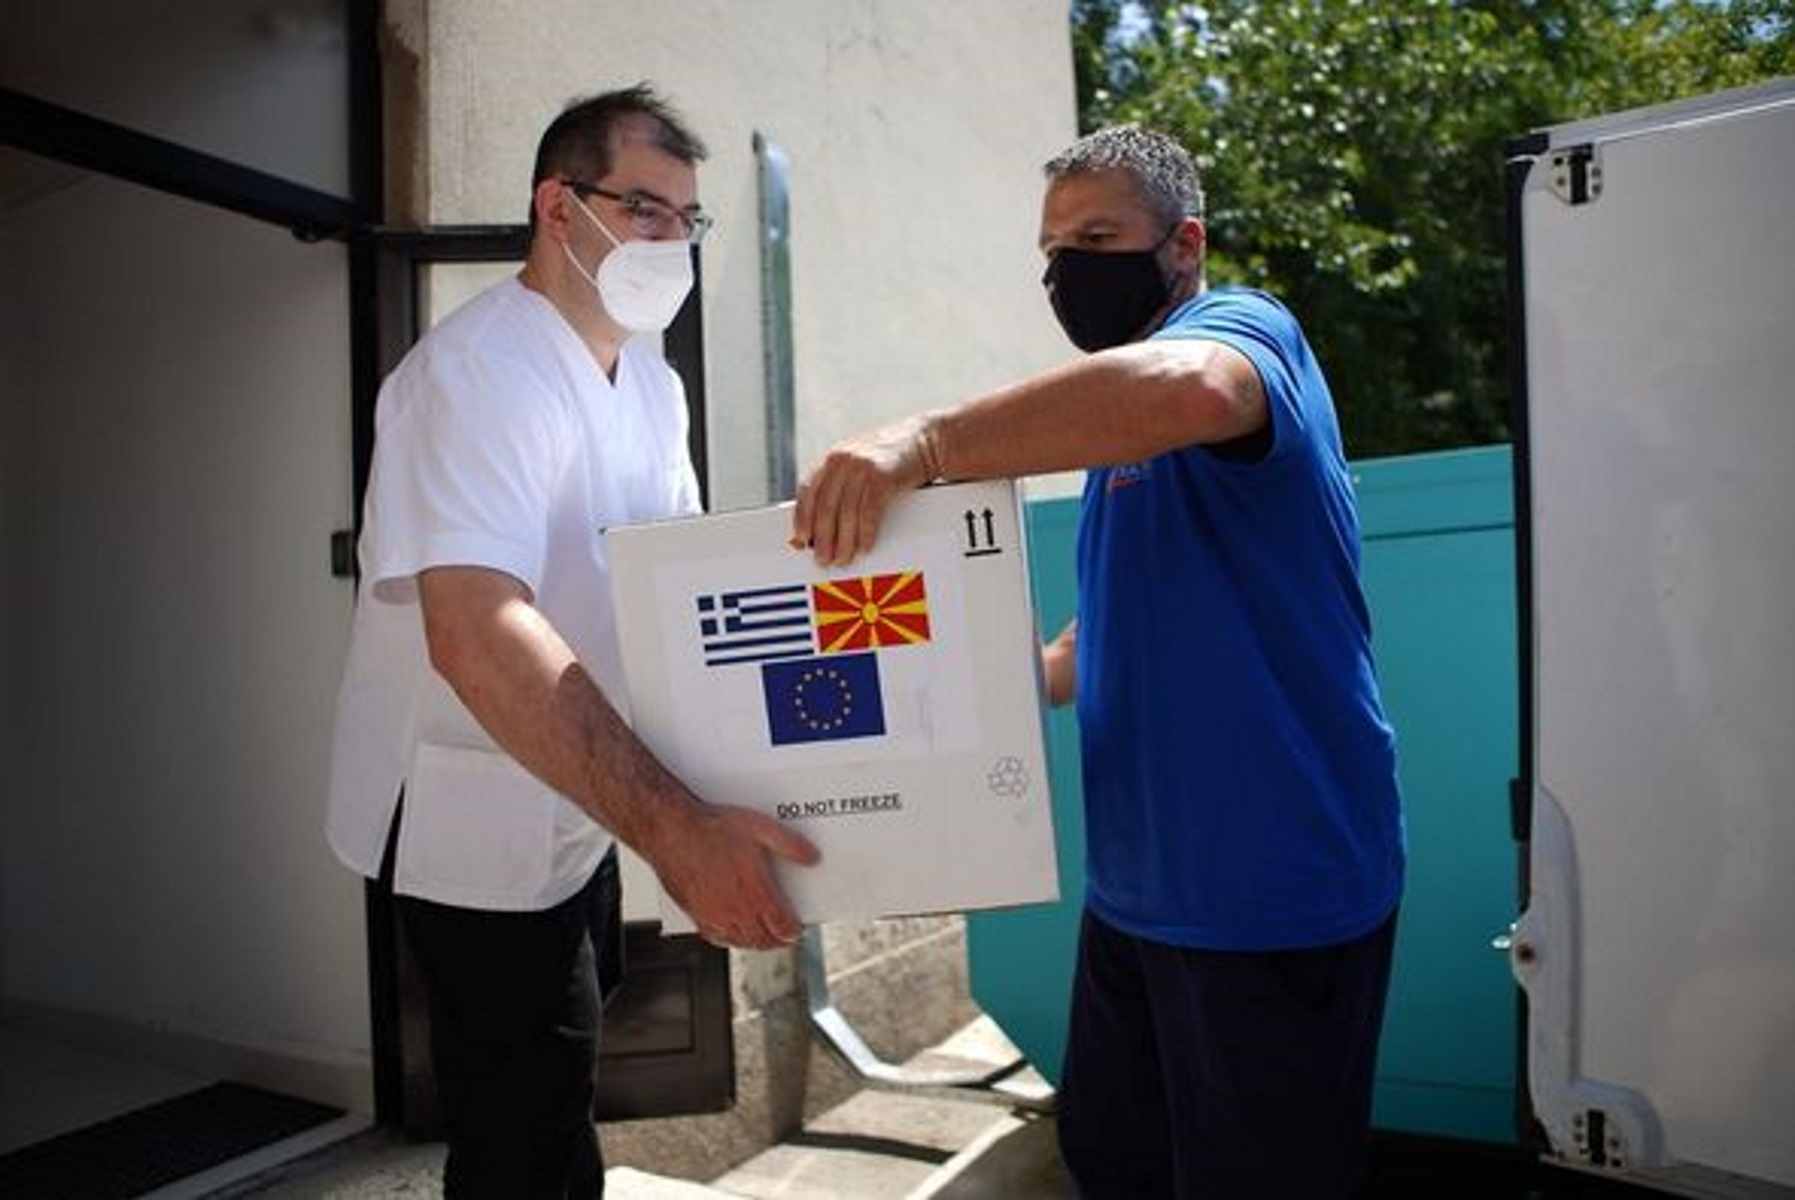 Νέα ελληνική δωρεά εμβολίων AstraZeneca στη Βόρεια Μακεδονία